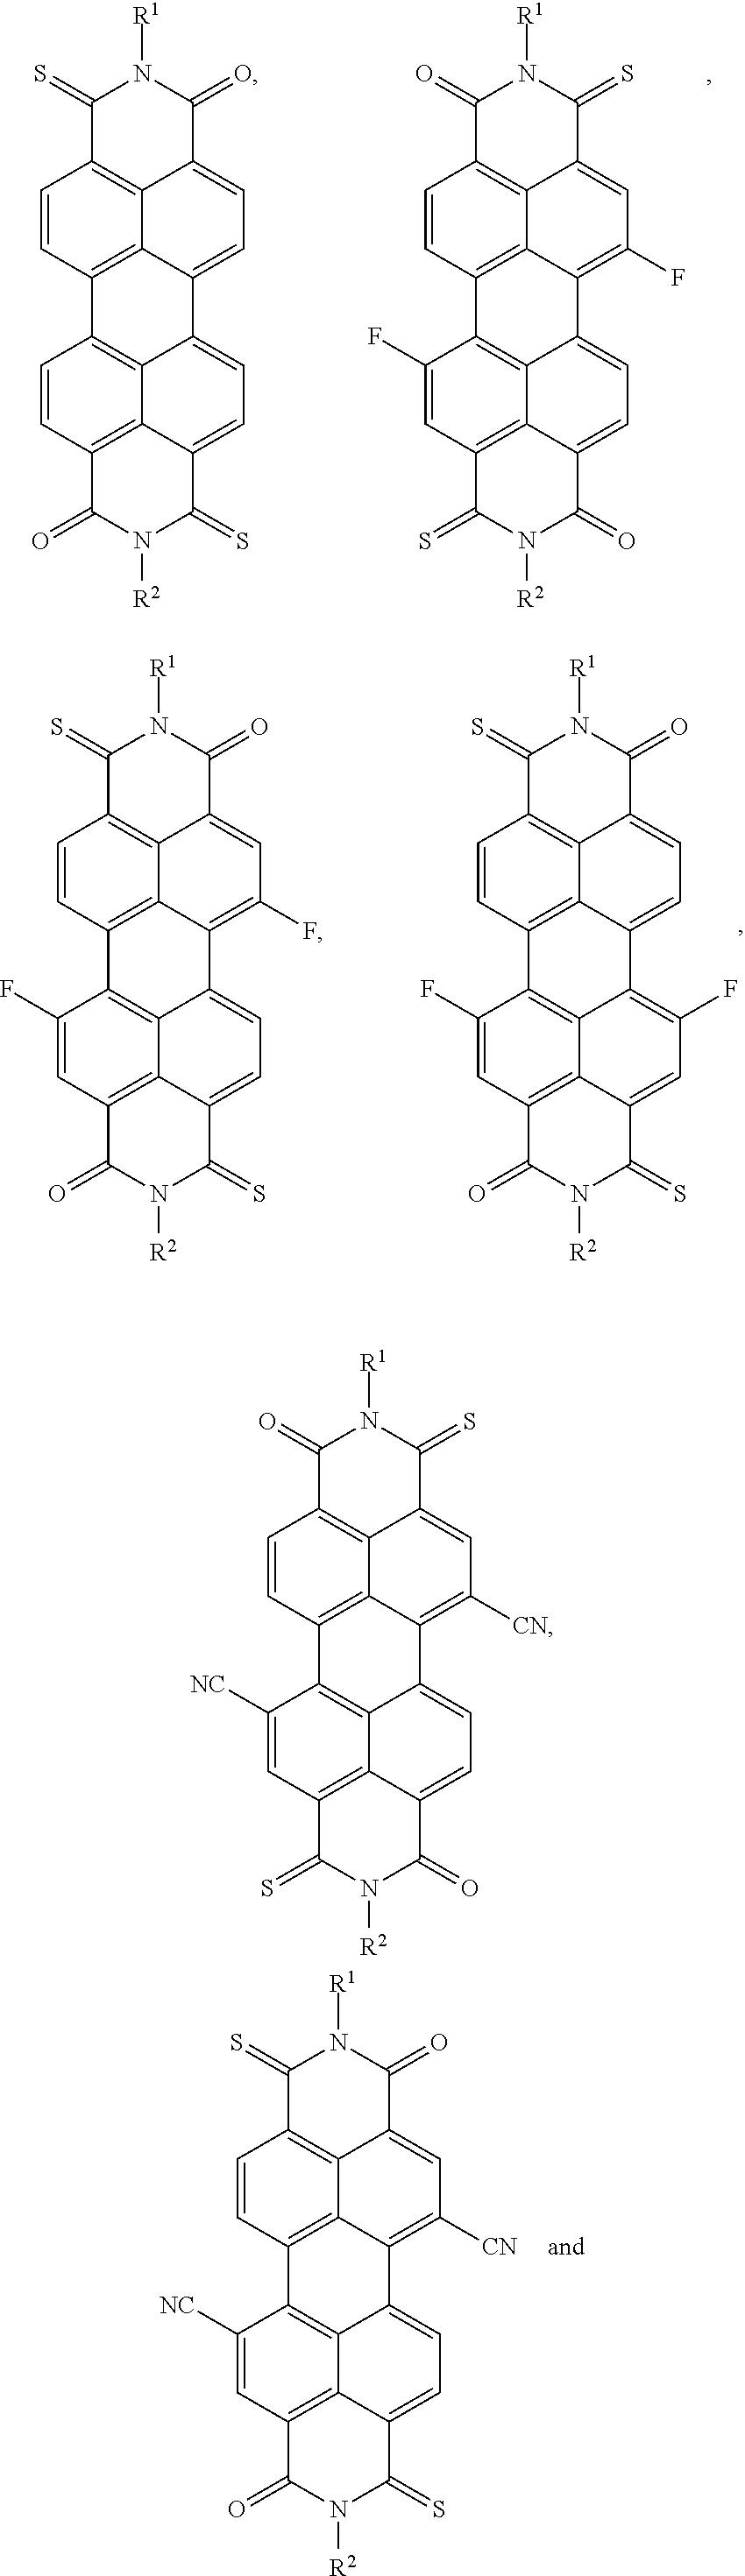 Figure US08440828-20130514-C00026